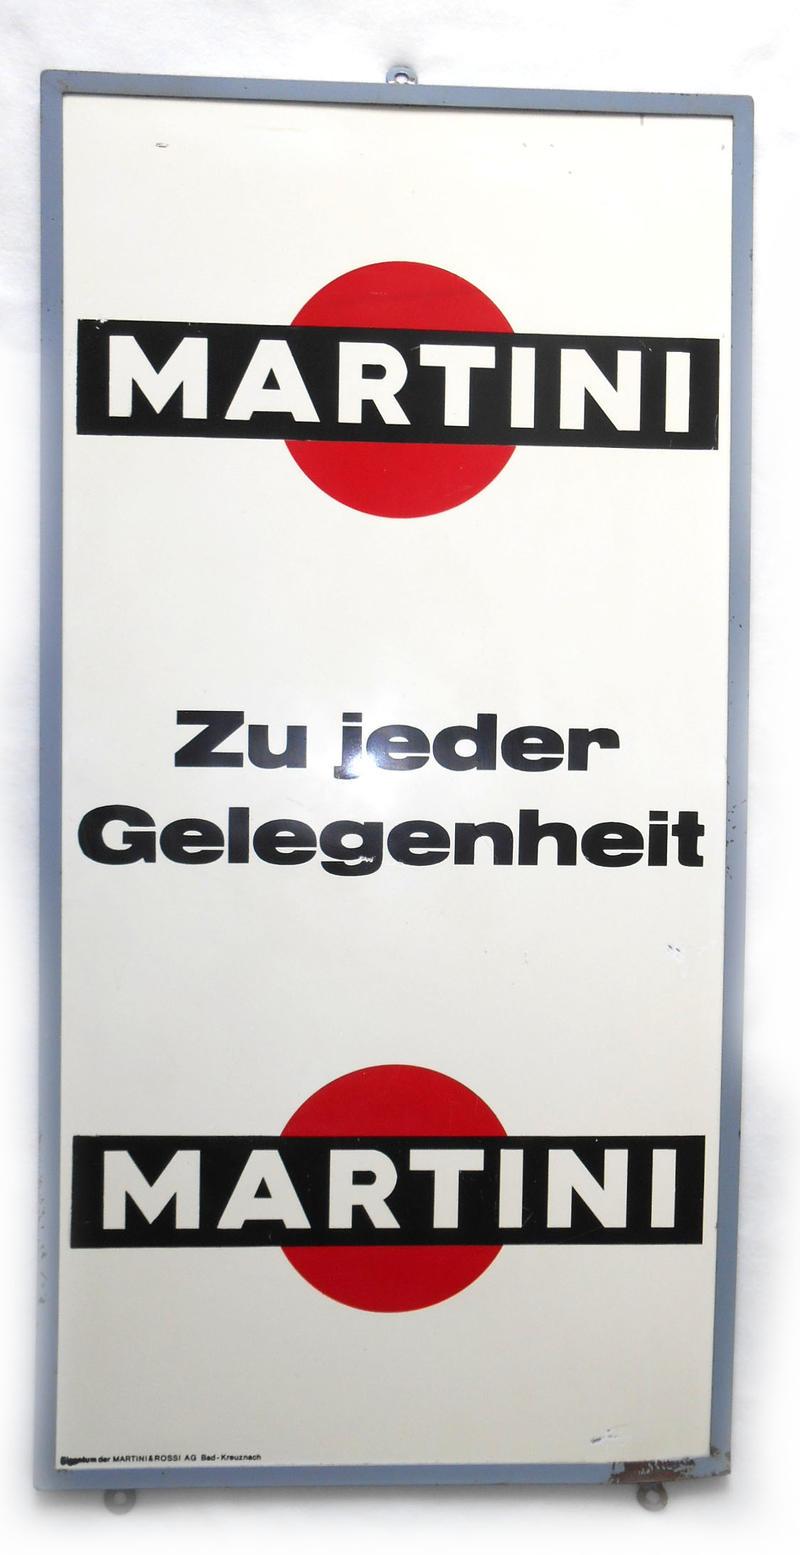 Martini | Schilderjagd, alte Emailleschilder und Blechschilder